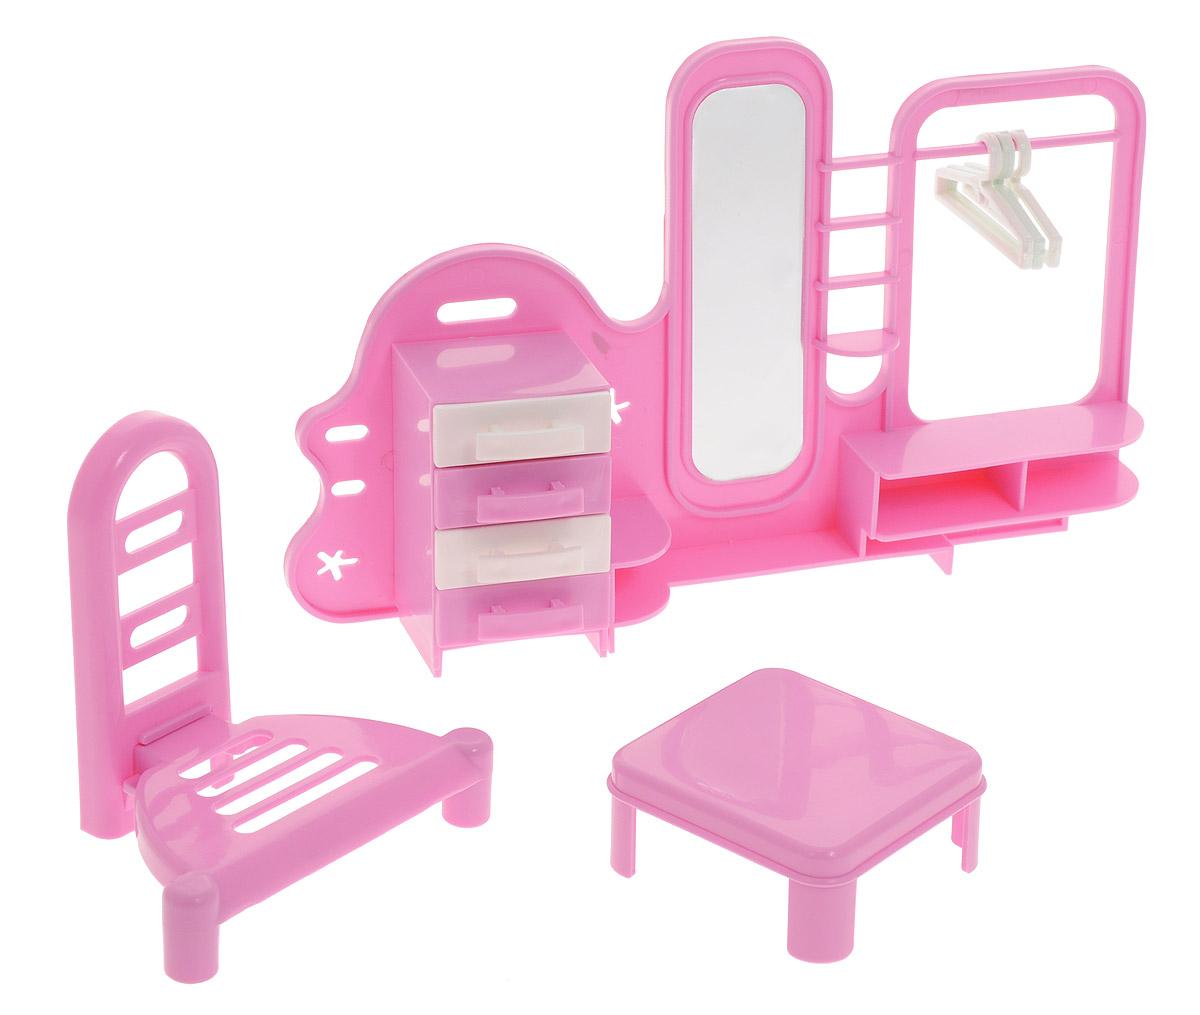 Форма Набор мебели для кукол Прихожая набор мебели для прихожей пикассо 2 1